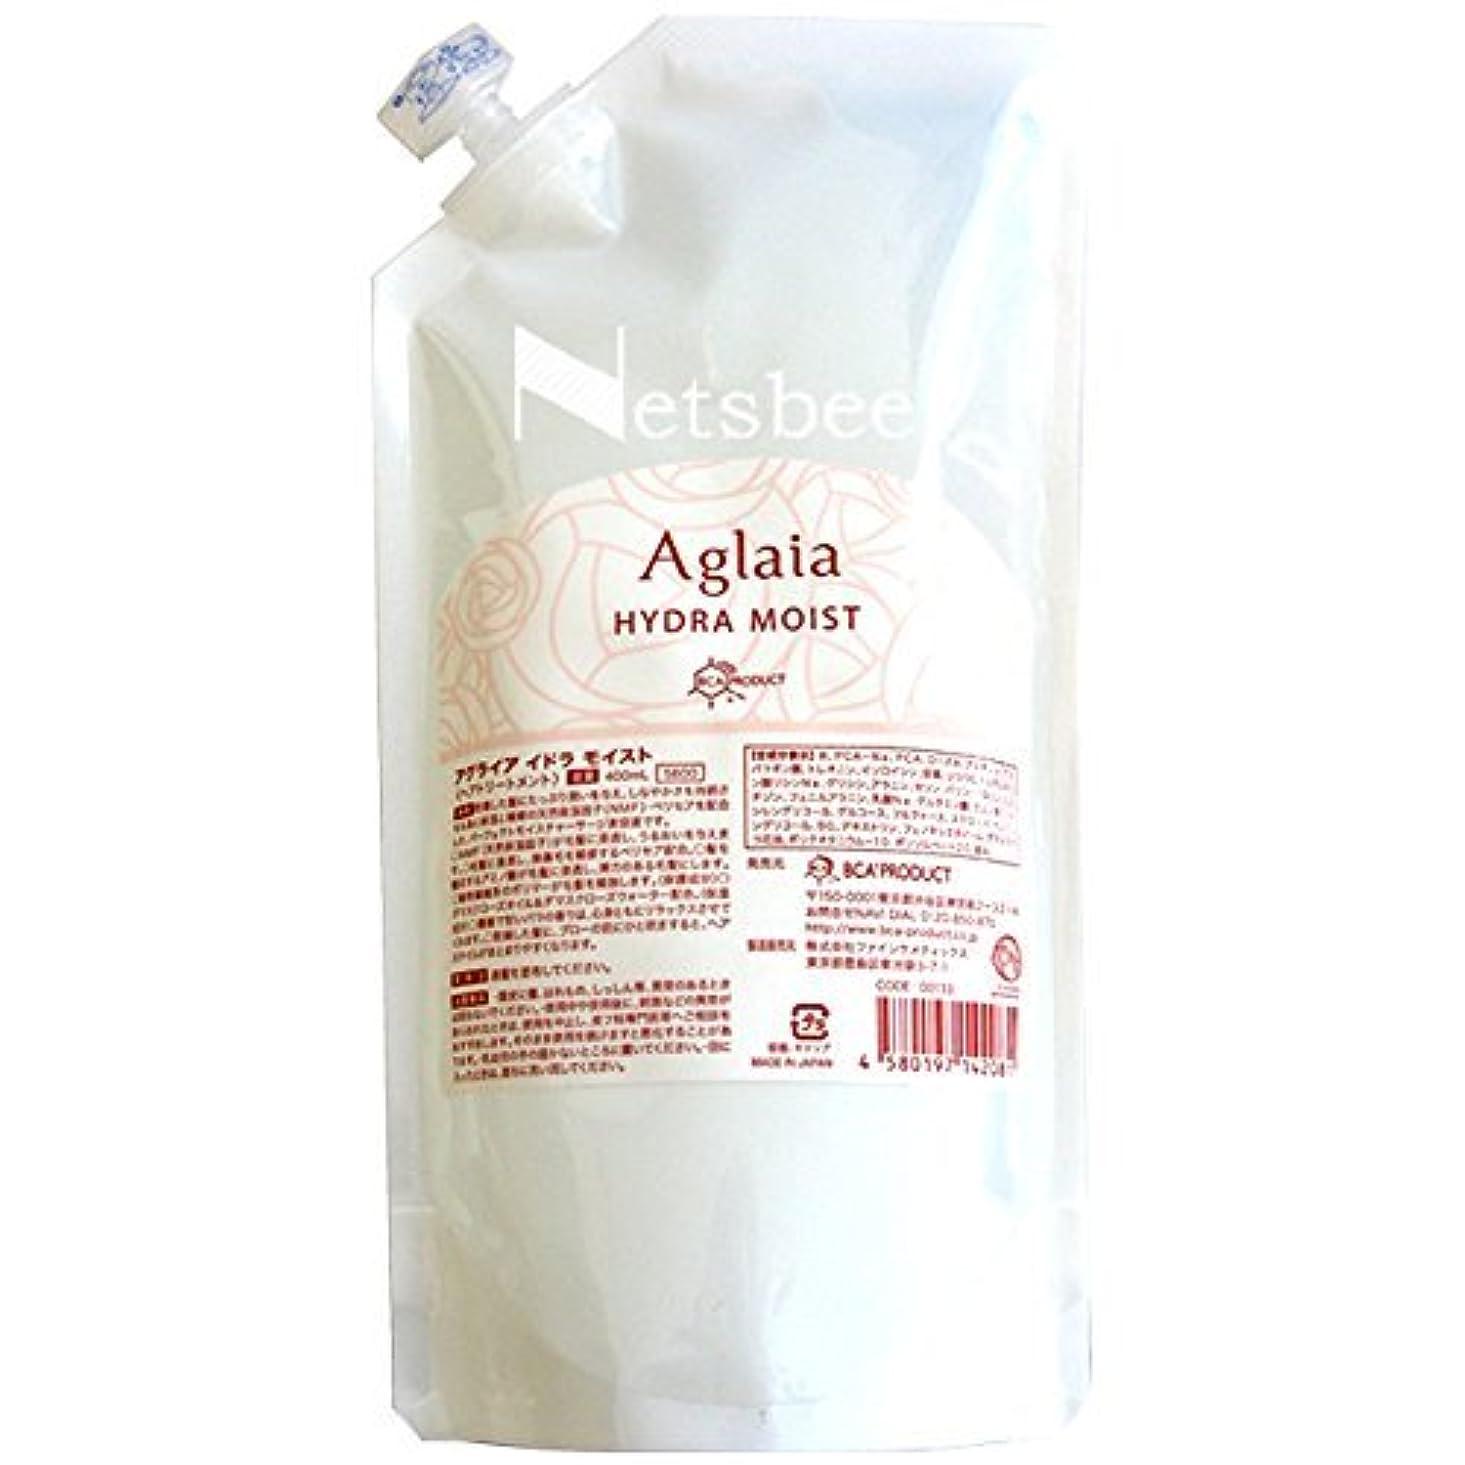 たくさんのコーラス販売員アグライア イドラモイスト(Aglaia HYDRA MOIST) 400ml